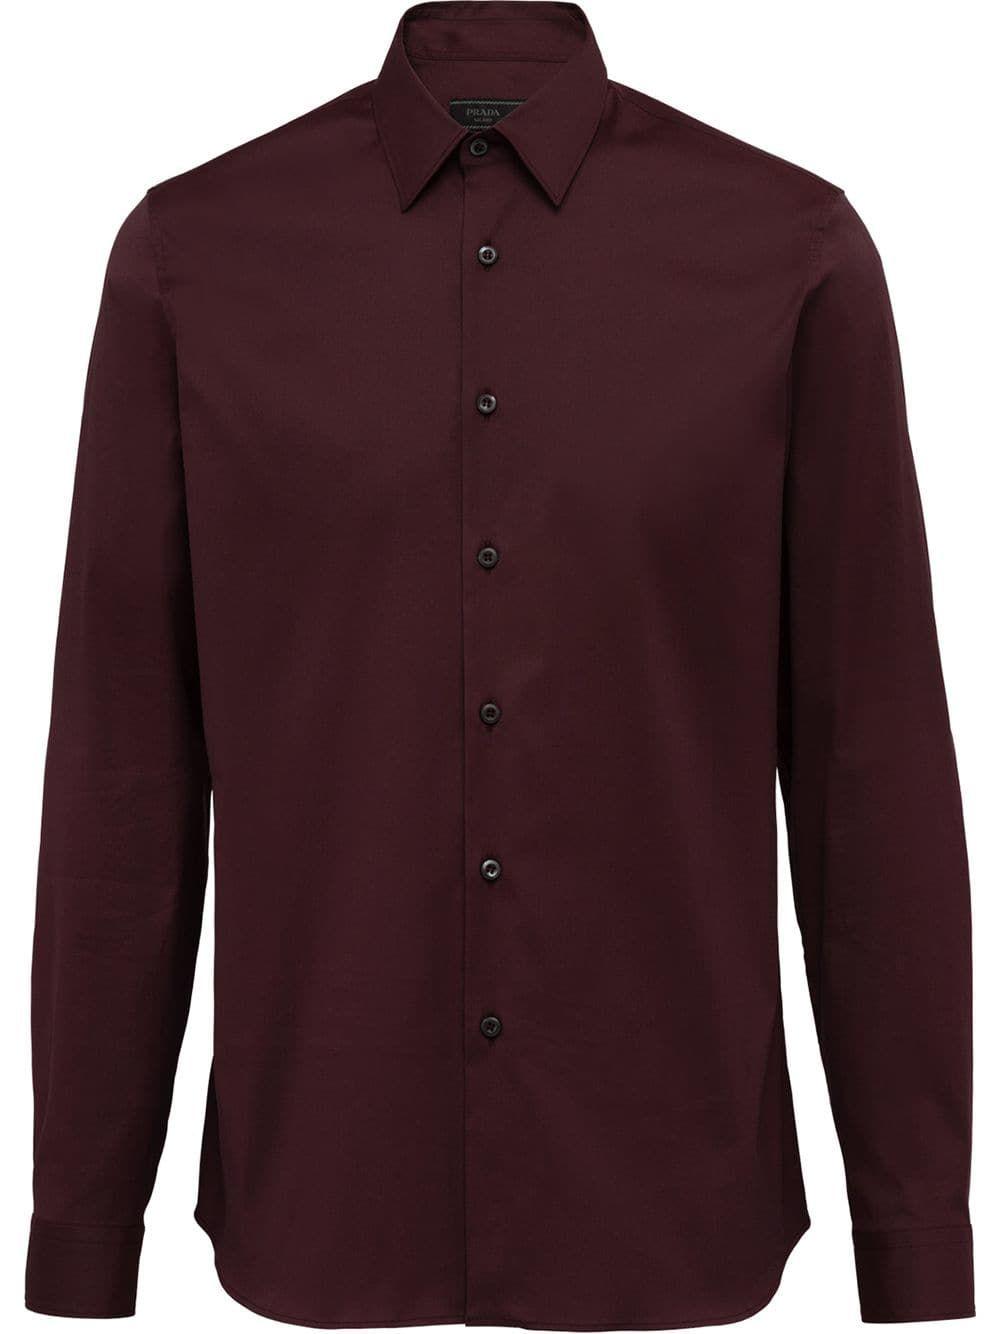 49b51599 PRADA PRADA STRETCH POPLIN SHIRT - RED. #prada #cloth | Prada ...